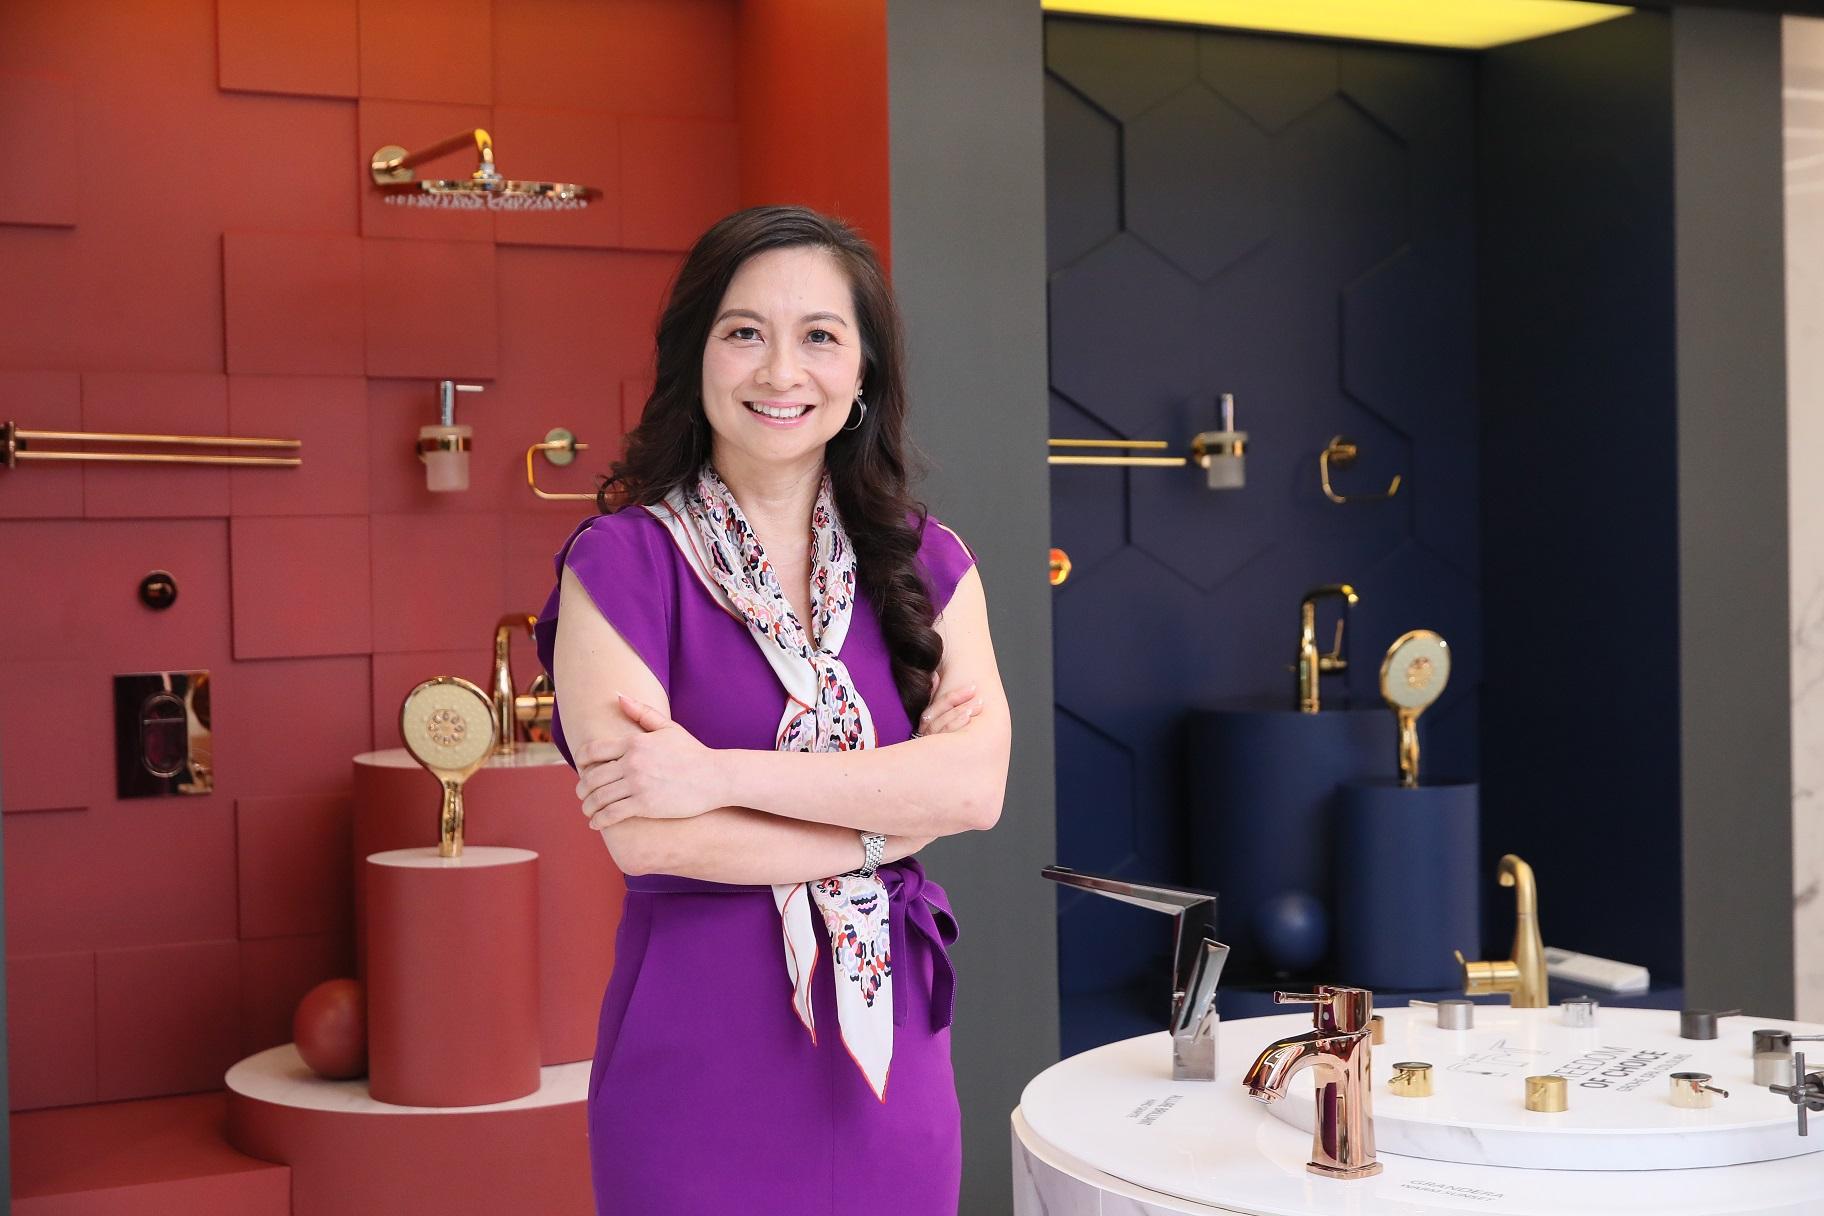 ลิกซิล ประเทศไทย วางมาตรฐานอุตสาหกรรมสุขภัณฑ์ในยุค 'New Normal' วางแนวทางที่จะทำให้สุขอนามัยเป็นปัจจัยสำคัญในการเลือกซื้อผลิตภัณฑ์ของลูกค้าในอนาคต